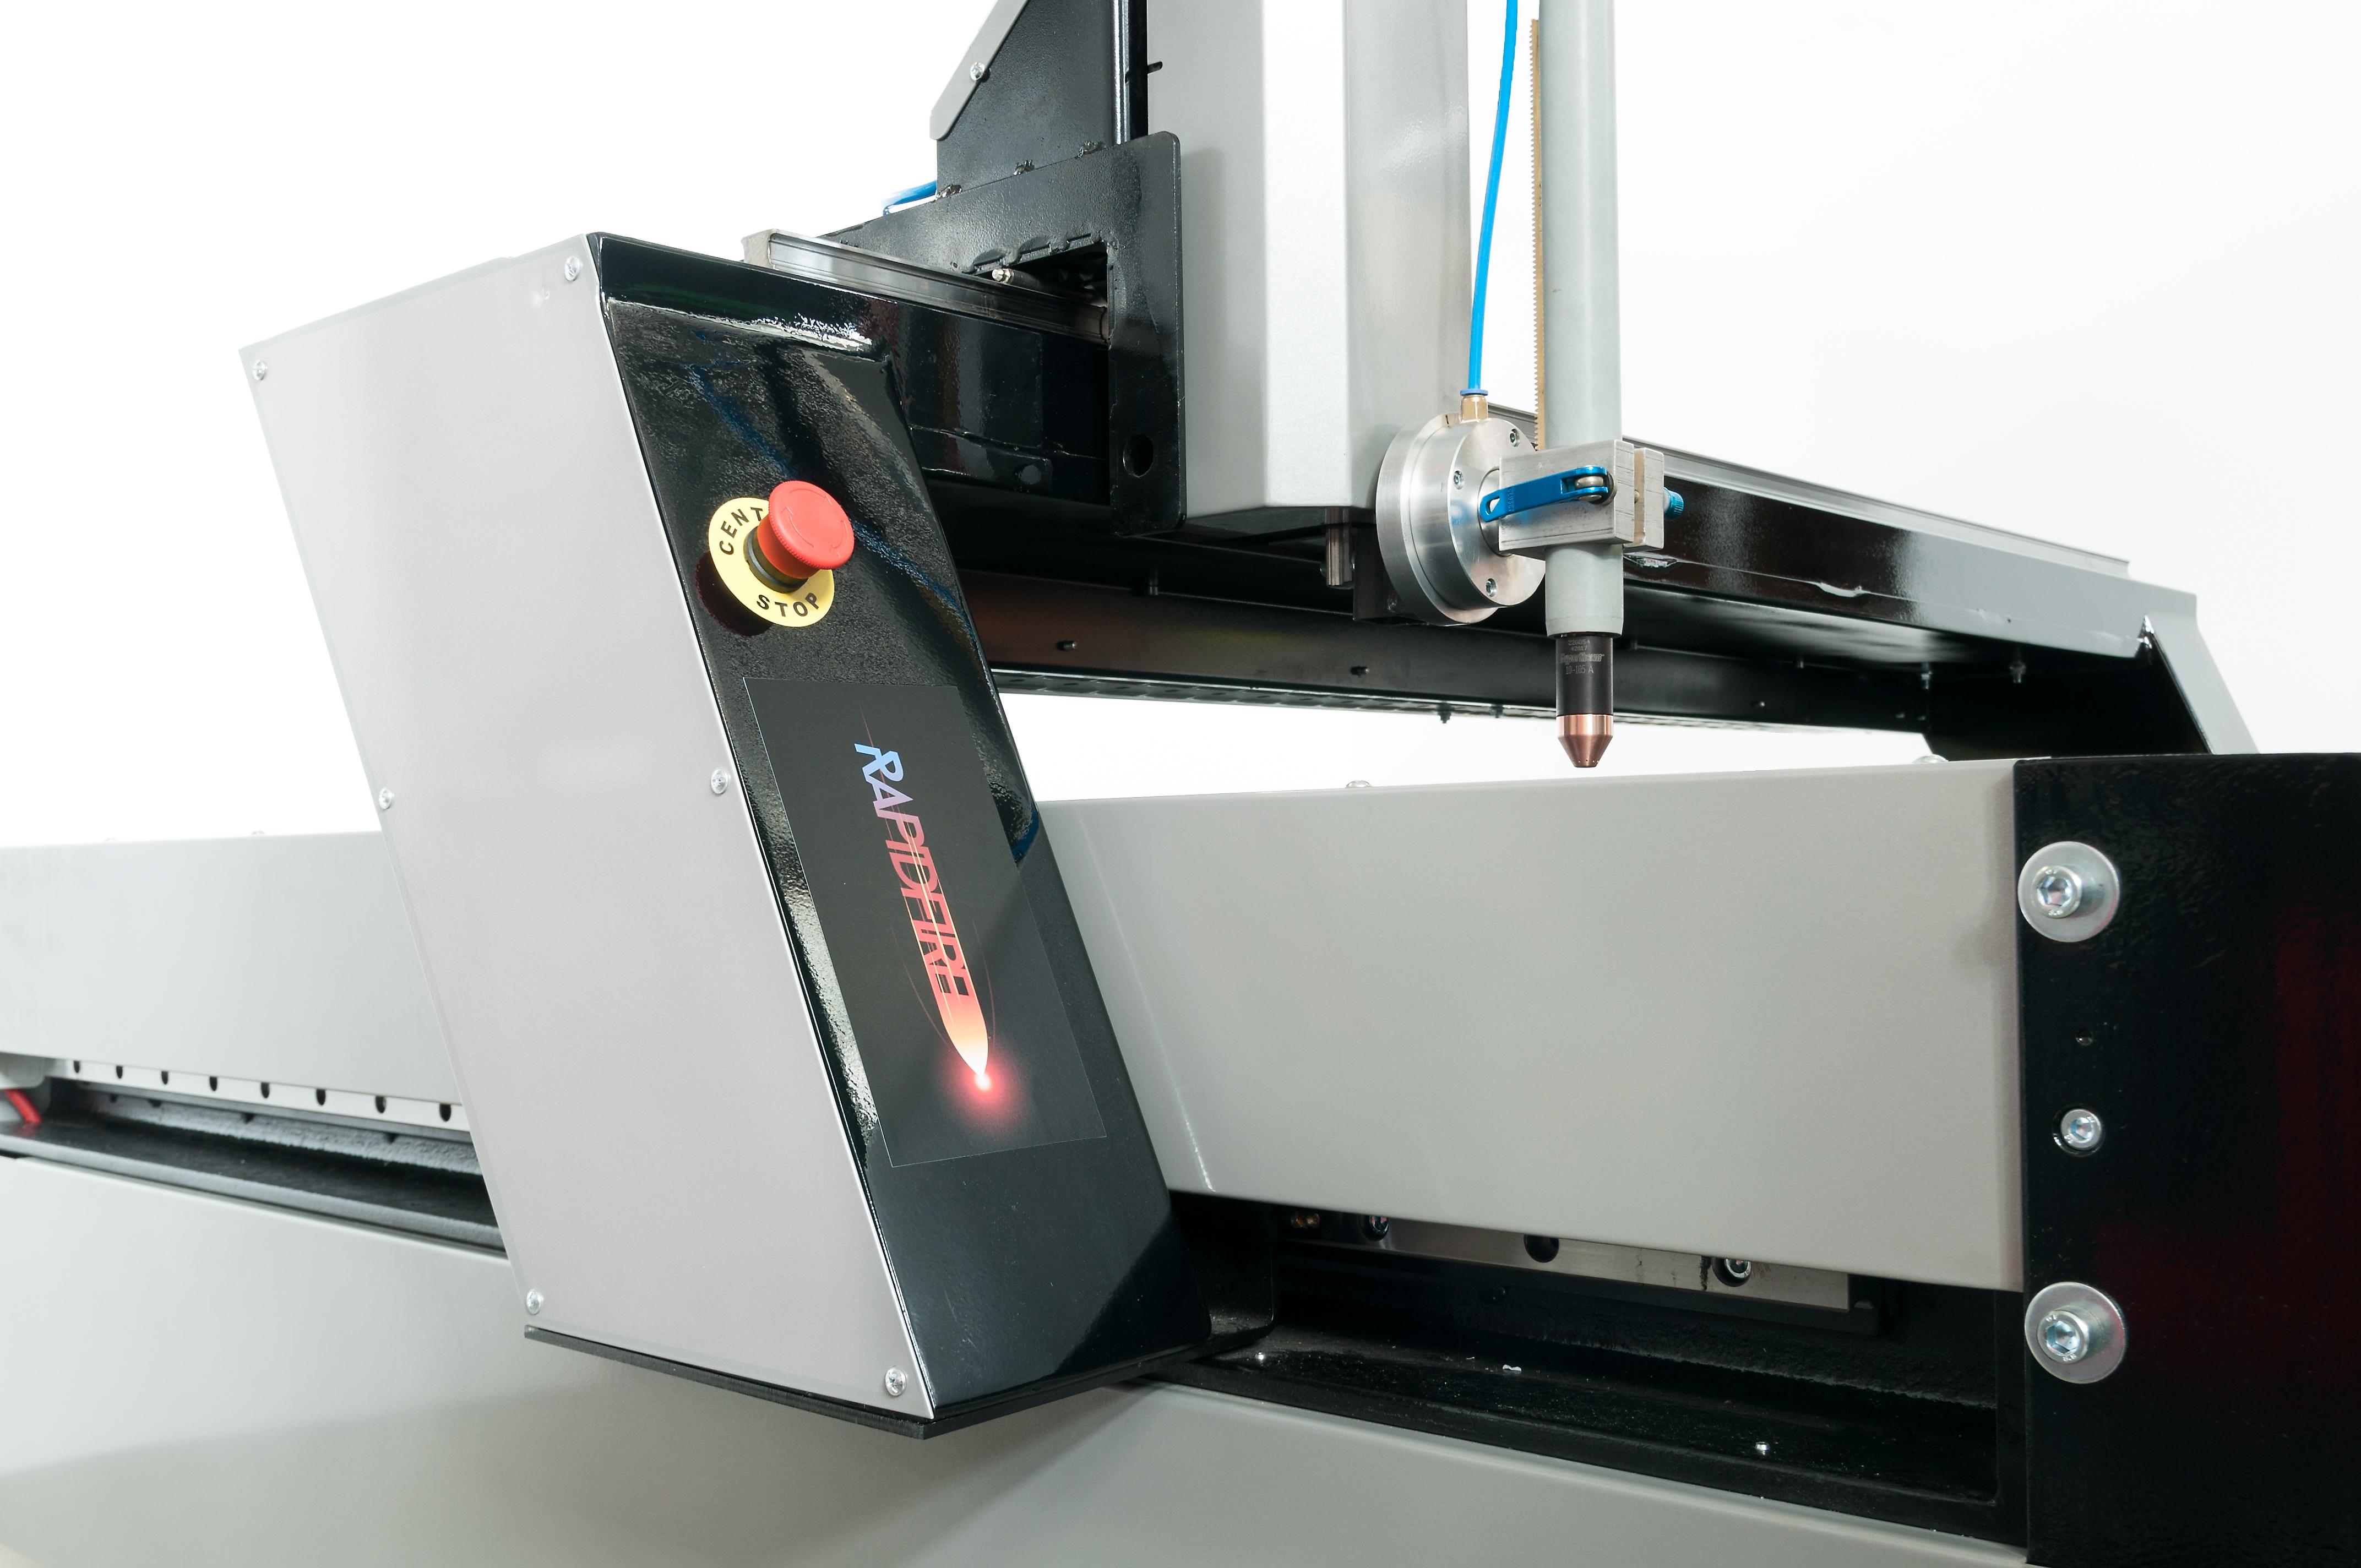 Wybitny KOWAL CNC | Rapidfire – maszyny CNC, laser, plazma ZM69